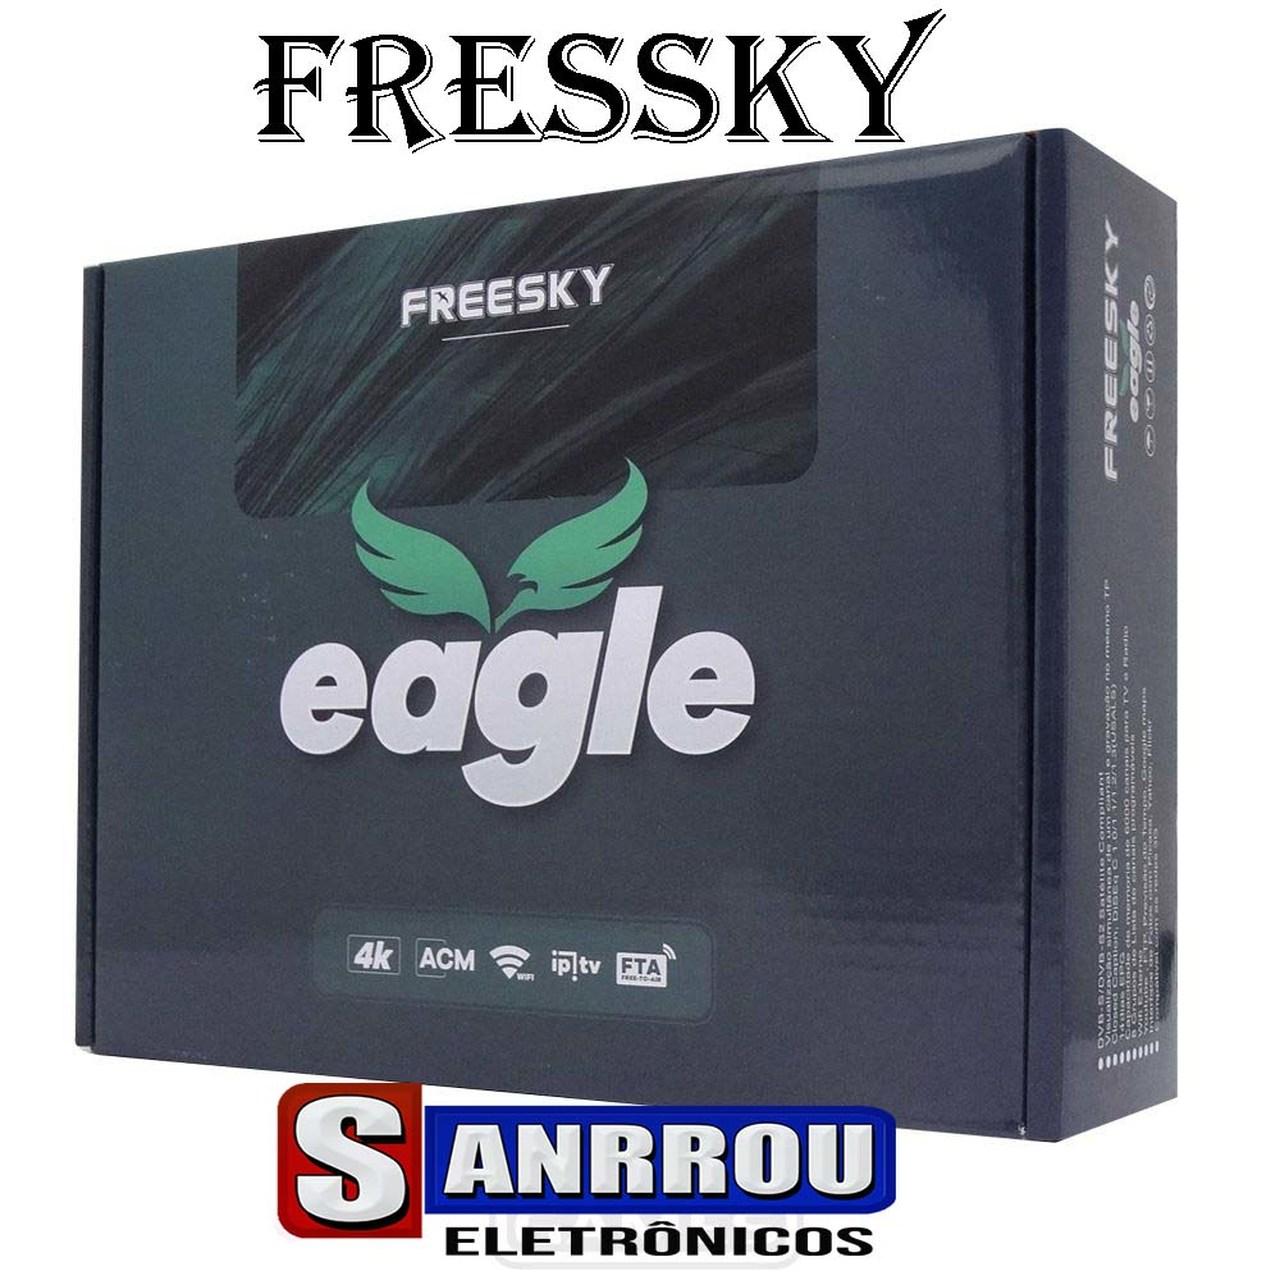 FREESKY EAGLE  VOD